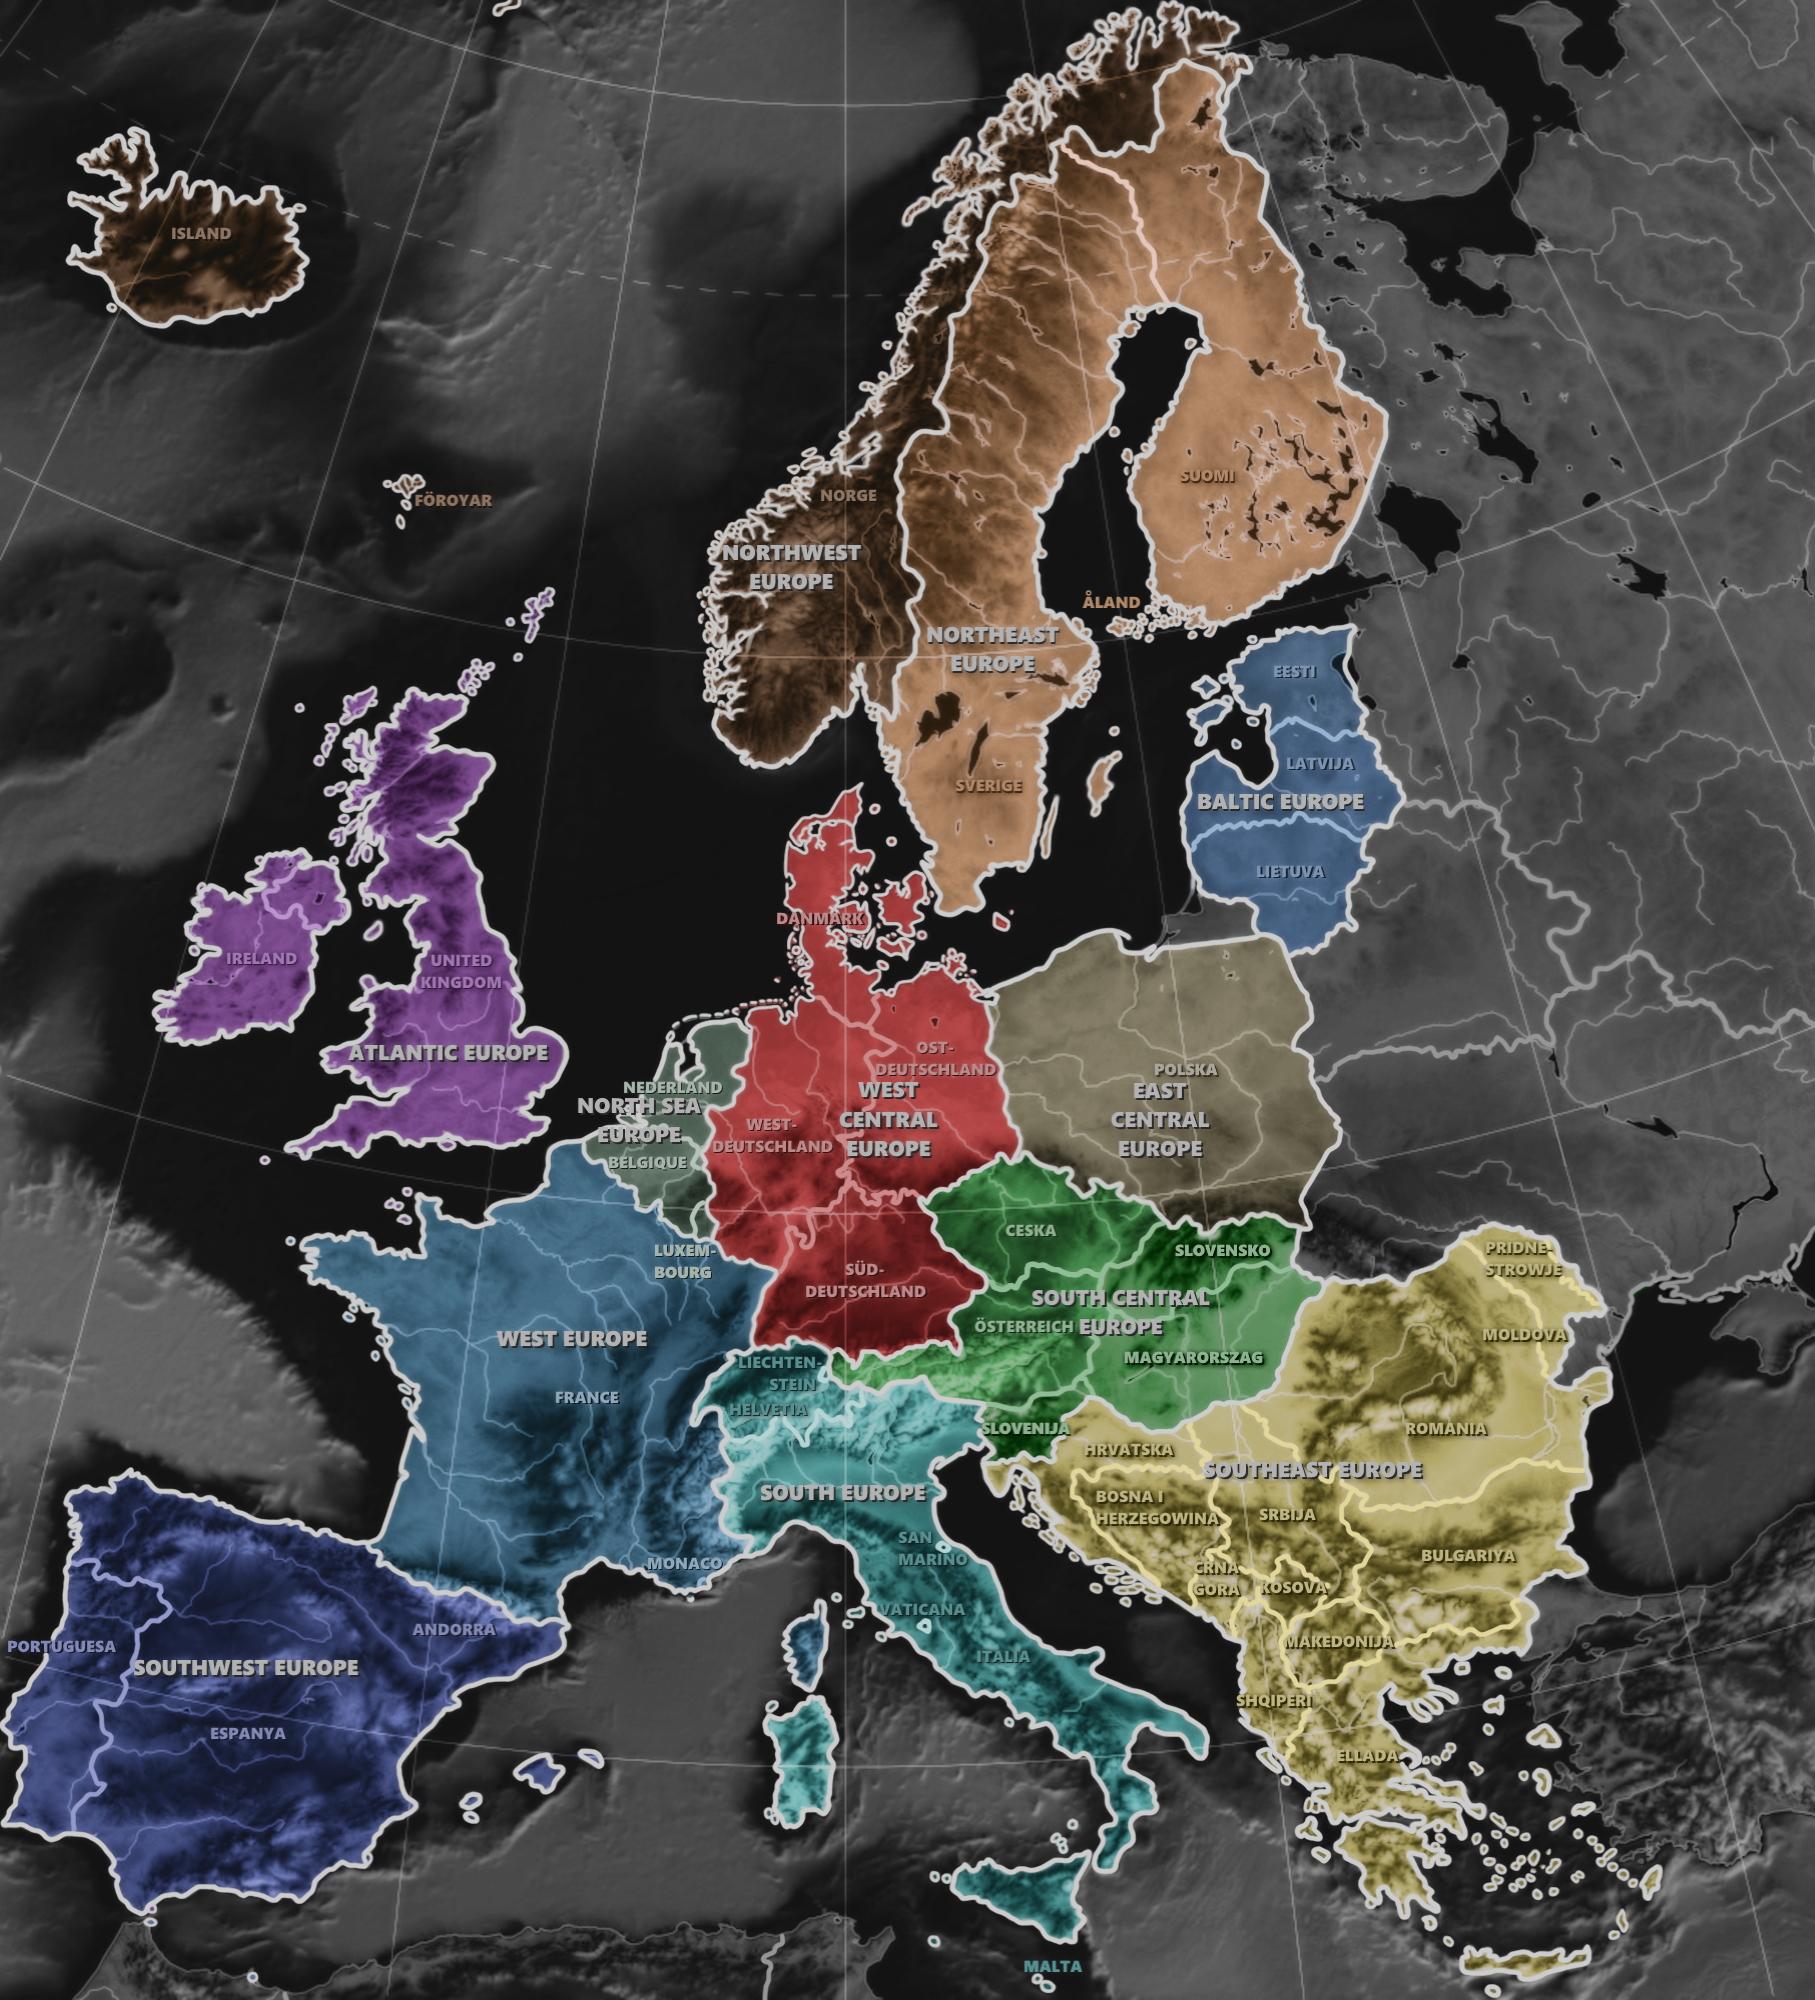 Neuordnung Europas, Europas Bundesstaaten, Gliederung Europas, Mitteleuropa, Zentraleuropa, West Zentraleuropa, west central europe, Europa, Neuordnung, Regionen, Bundesstaaten, Bundesländer, middle europe, central europe, europe, regions, deutsch dänische vereinigung